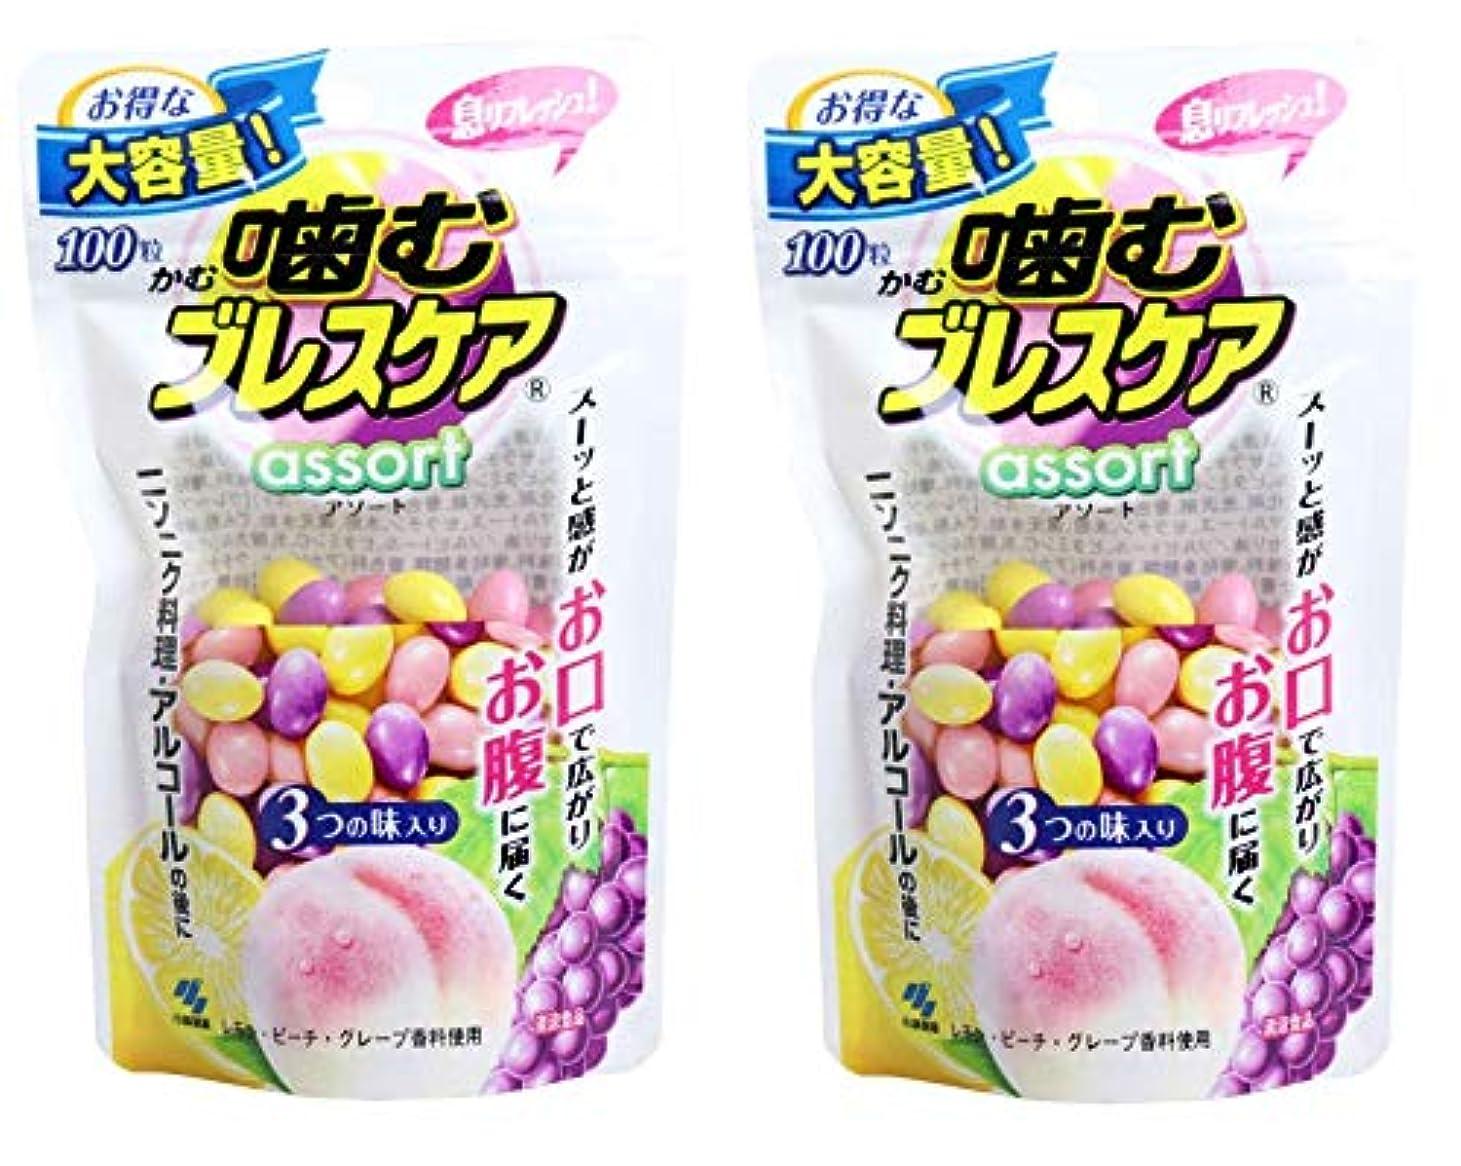 キャベツ化合物精緻化噛むブレスケア 100粒パウチ アソート 100粒 2袋セット